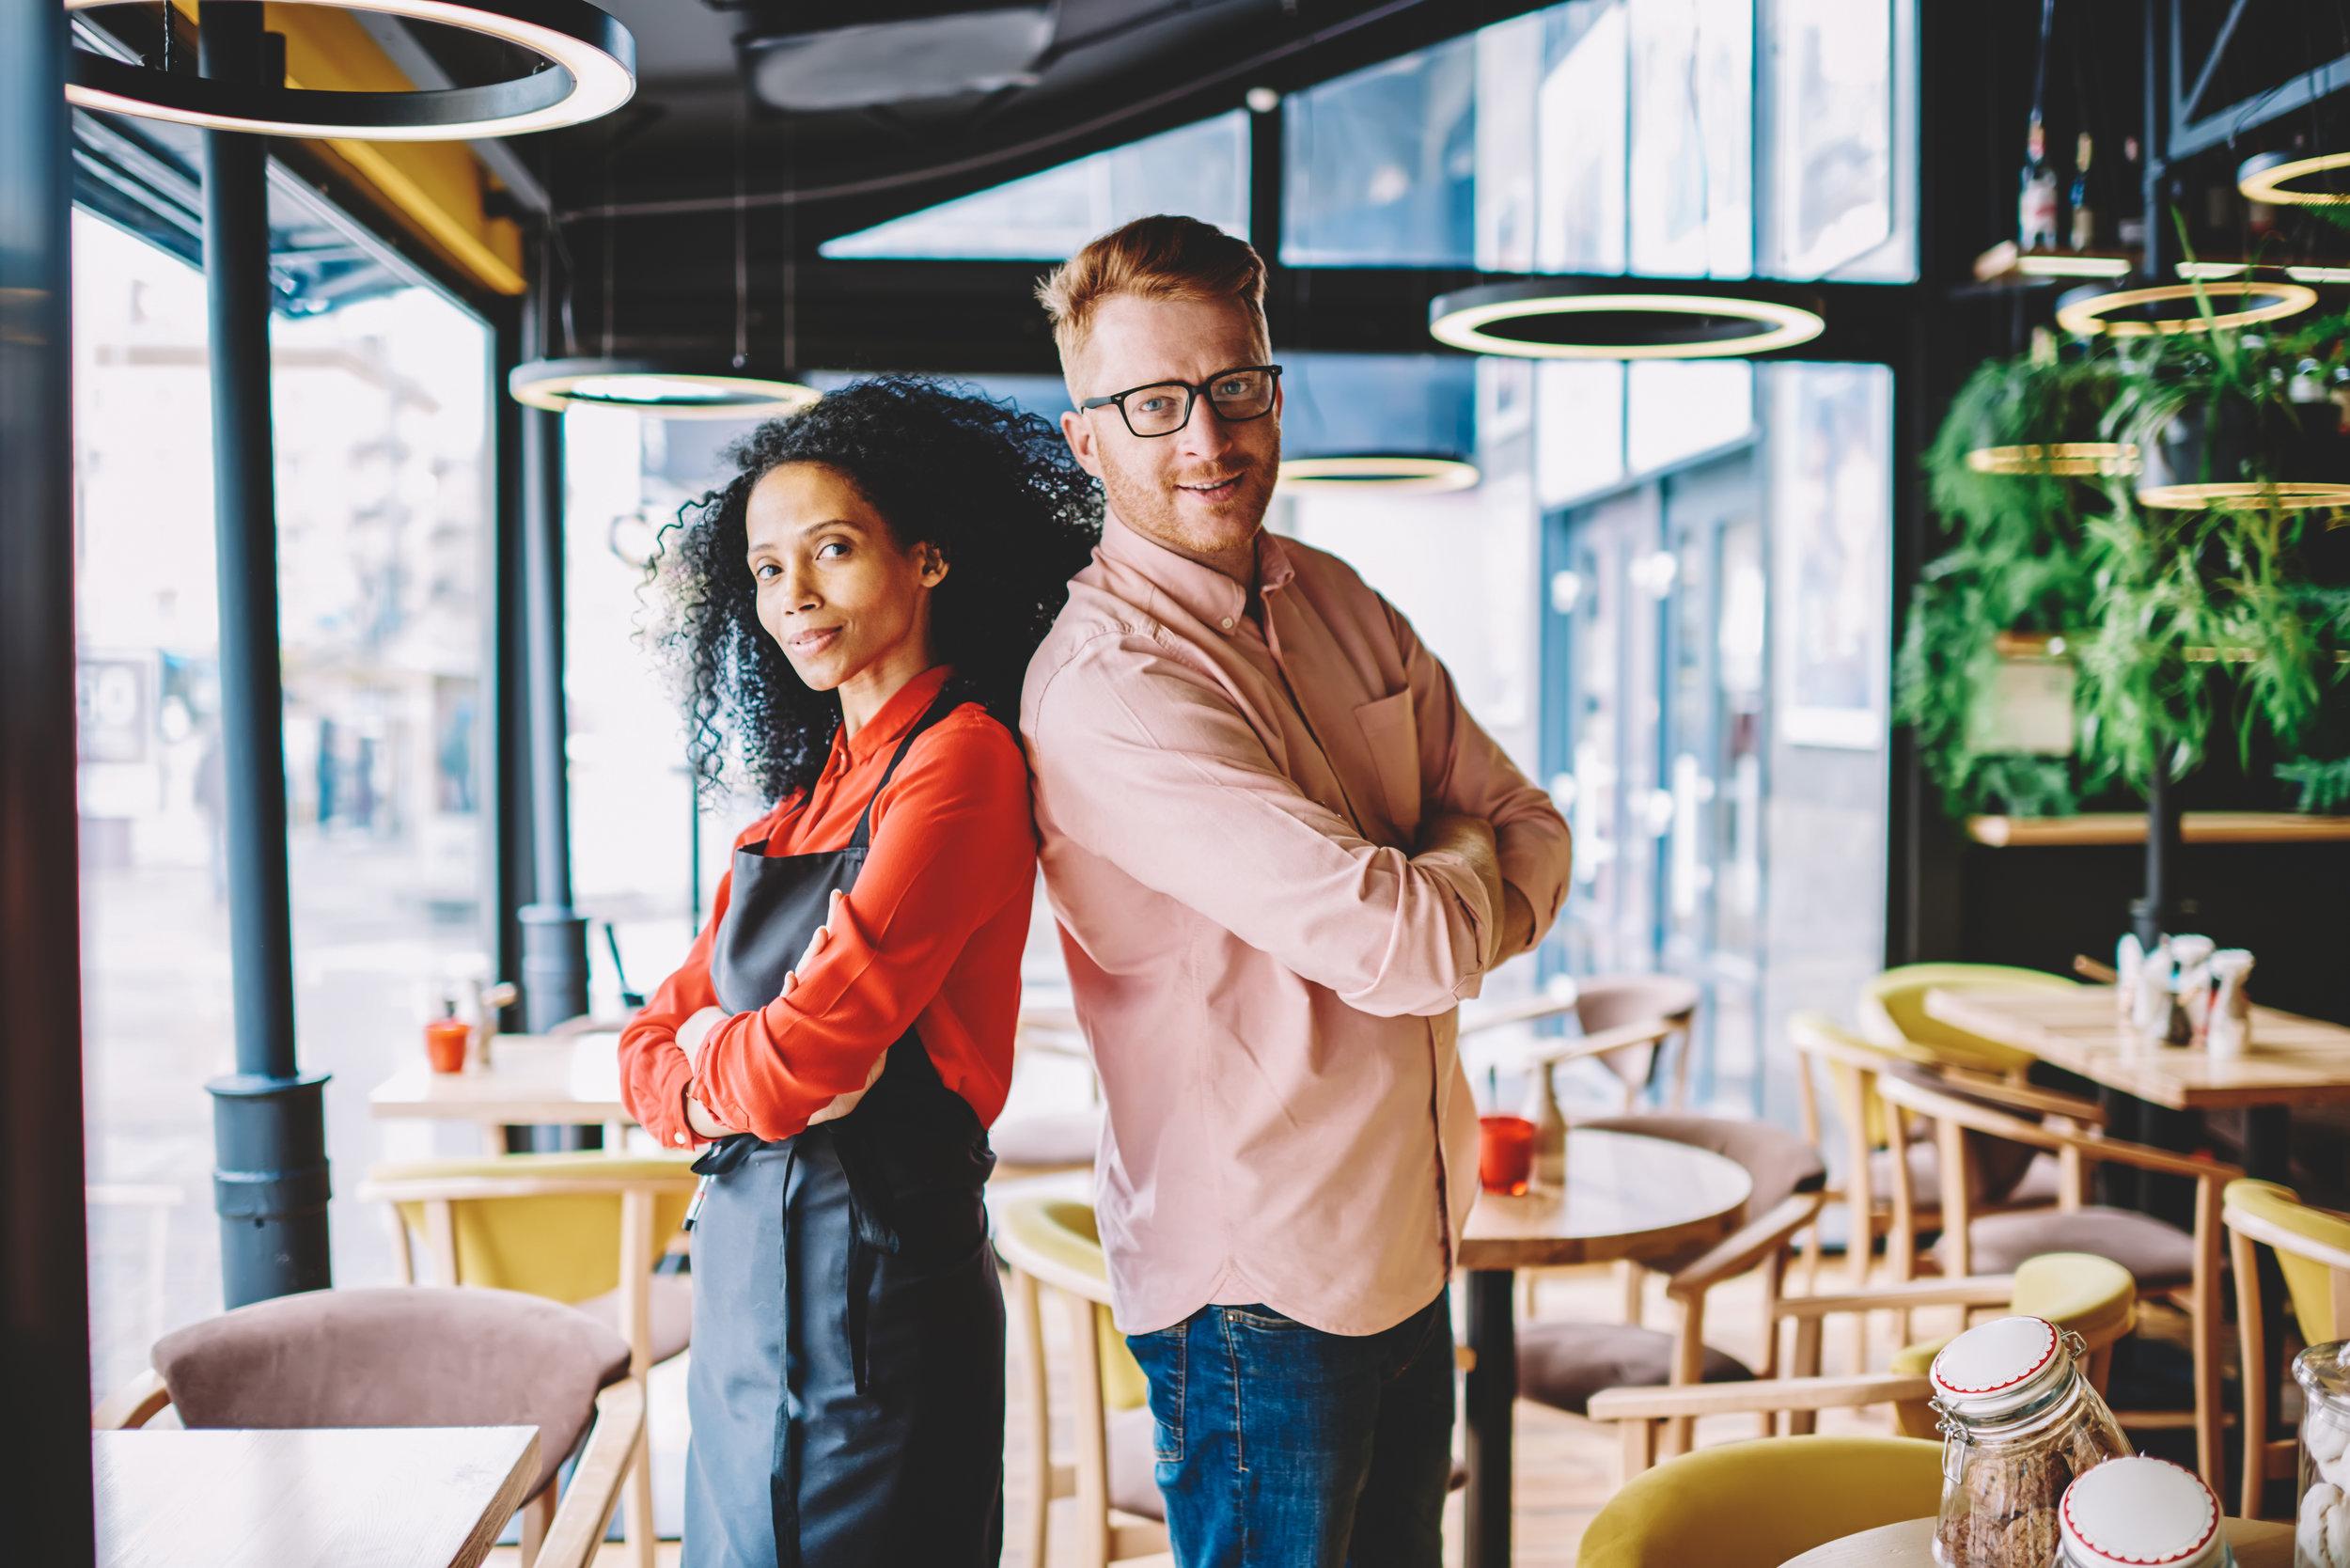 restaurant_startup.jpg